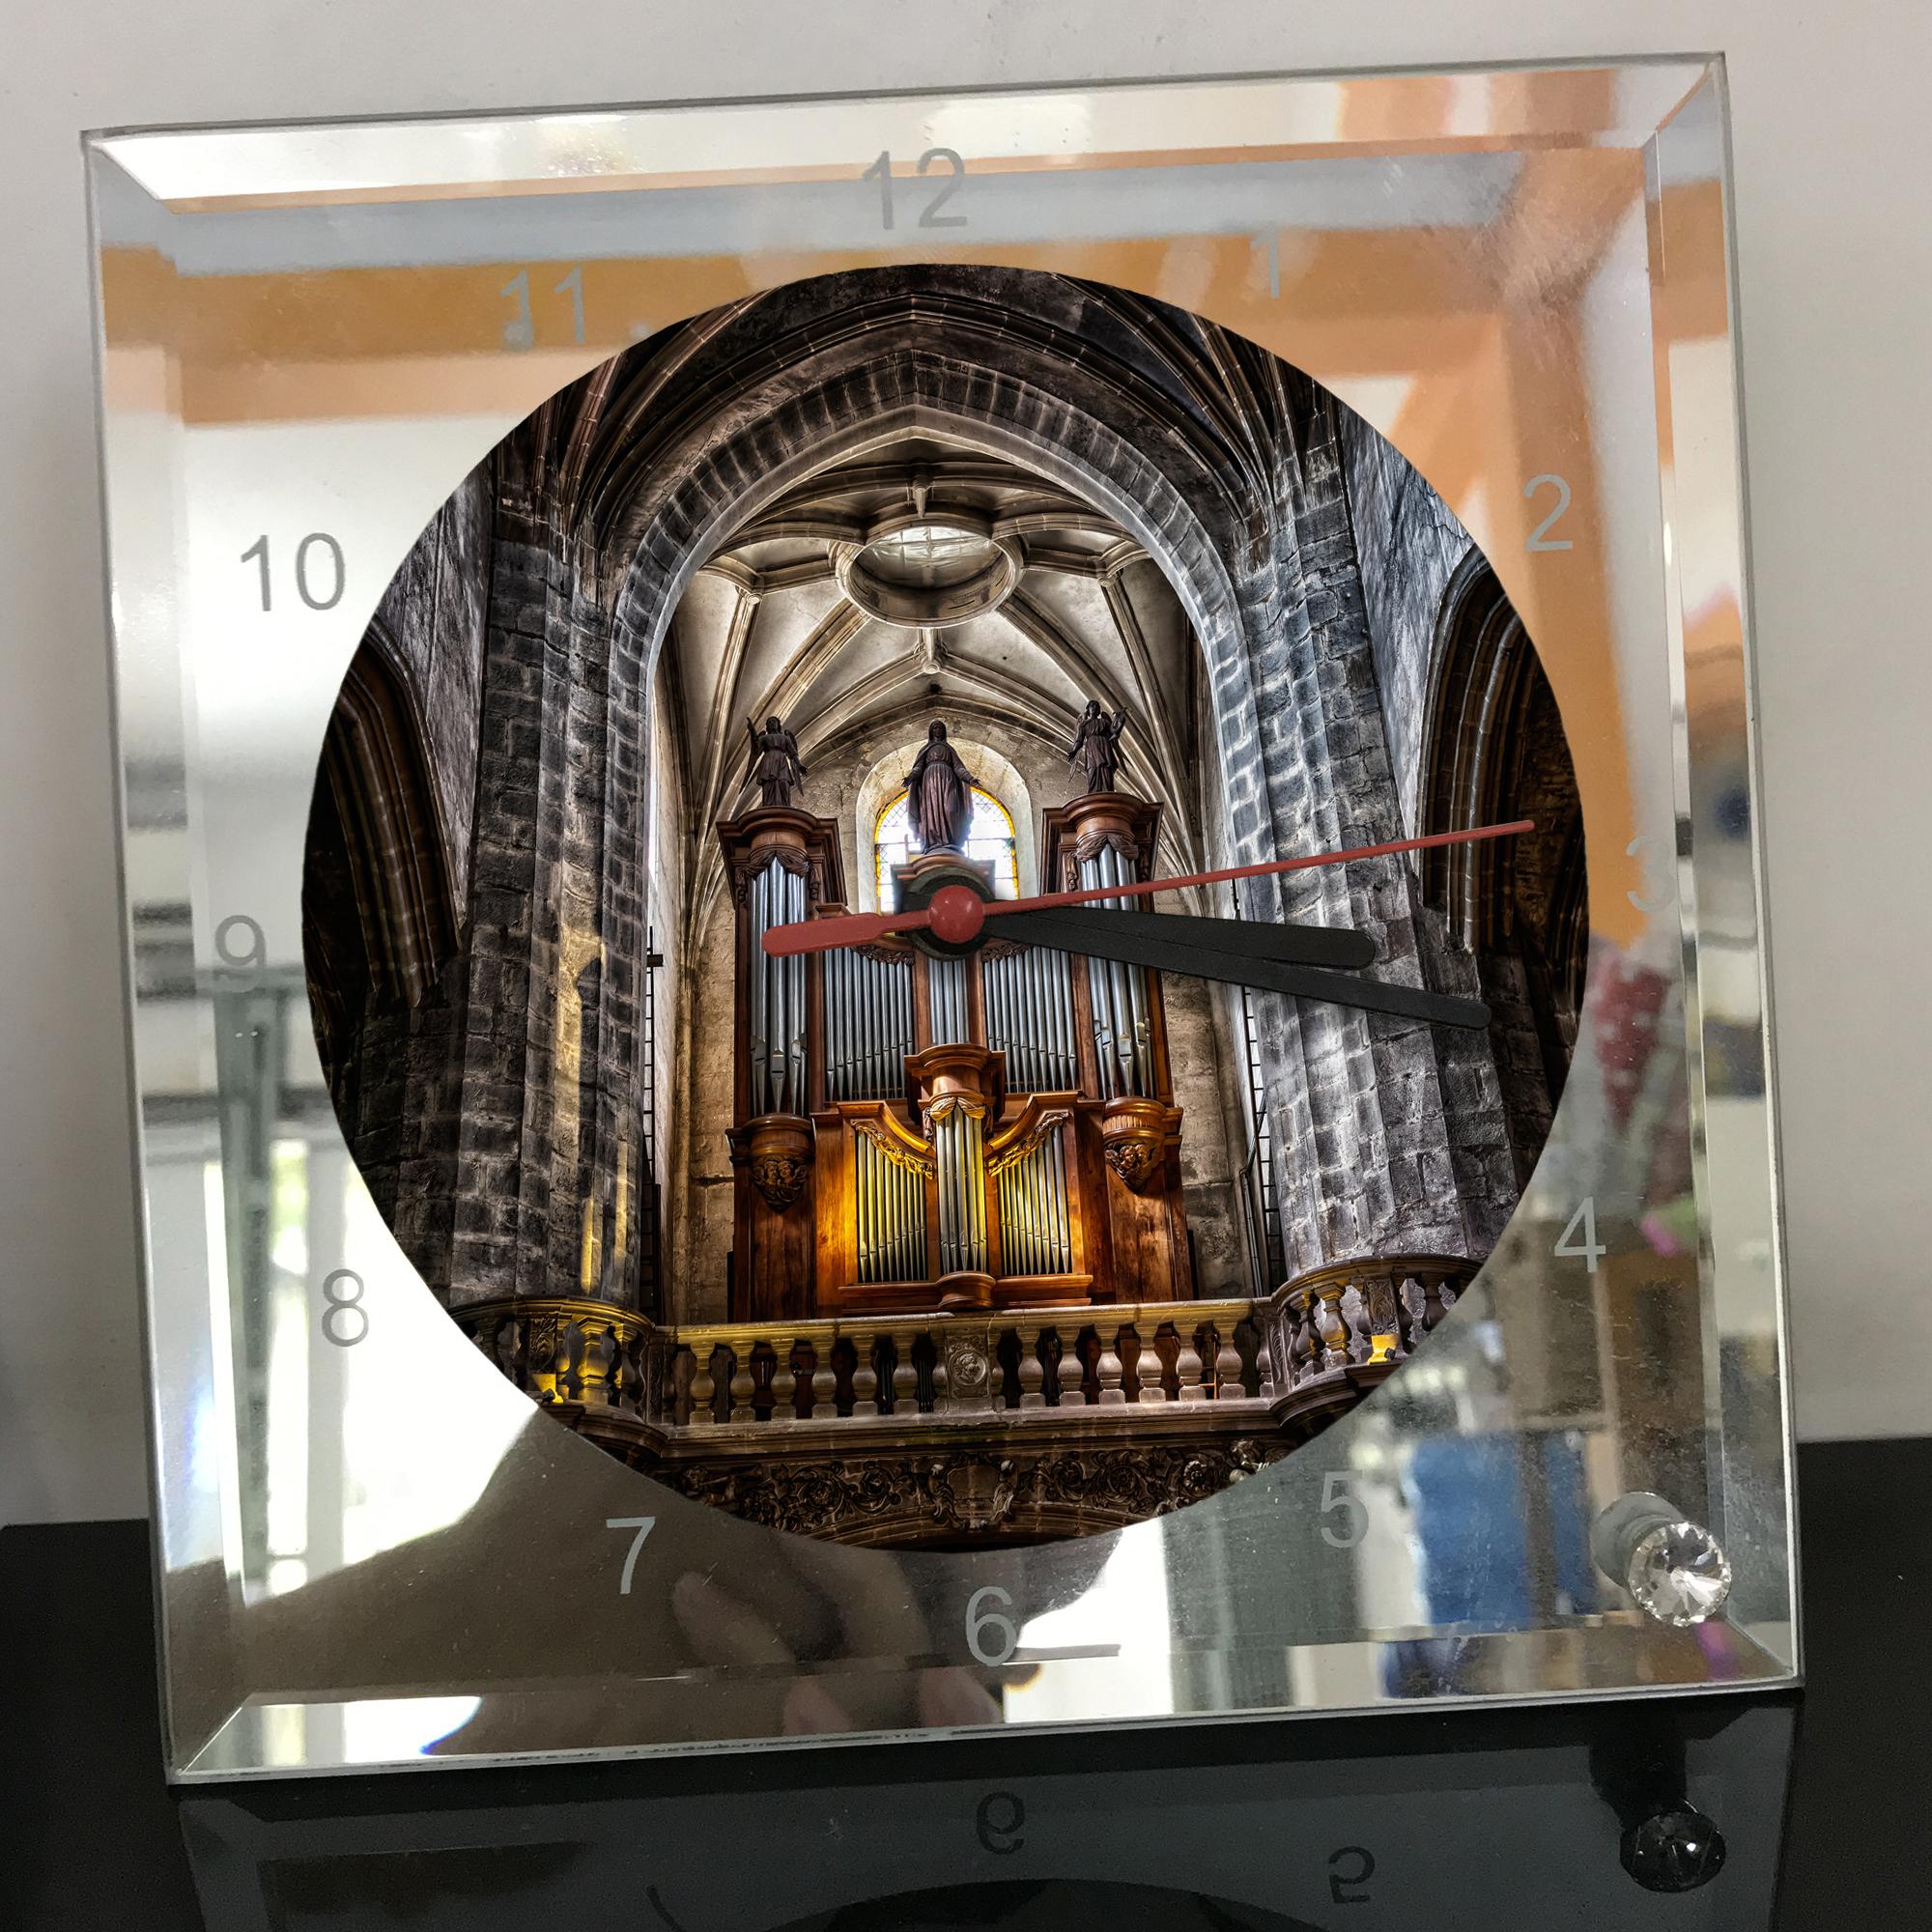 Đồng hồ thủy tinh vuông 20x20 in hình Cathedral - nhà thờ chính tòa (87) . Đồng hồ thủy tinh để bàn trang trí đẹp chủ đề tôn giáo